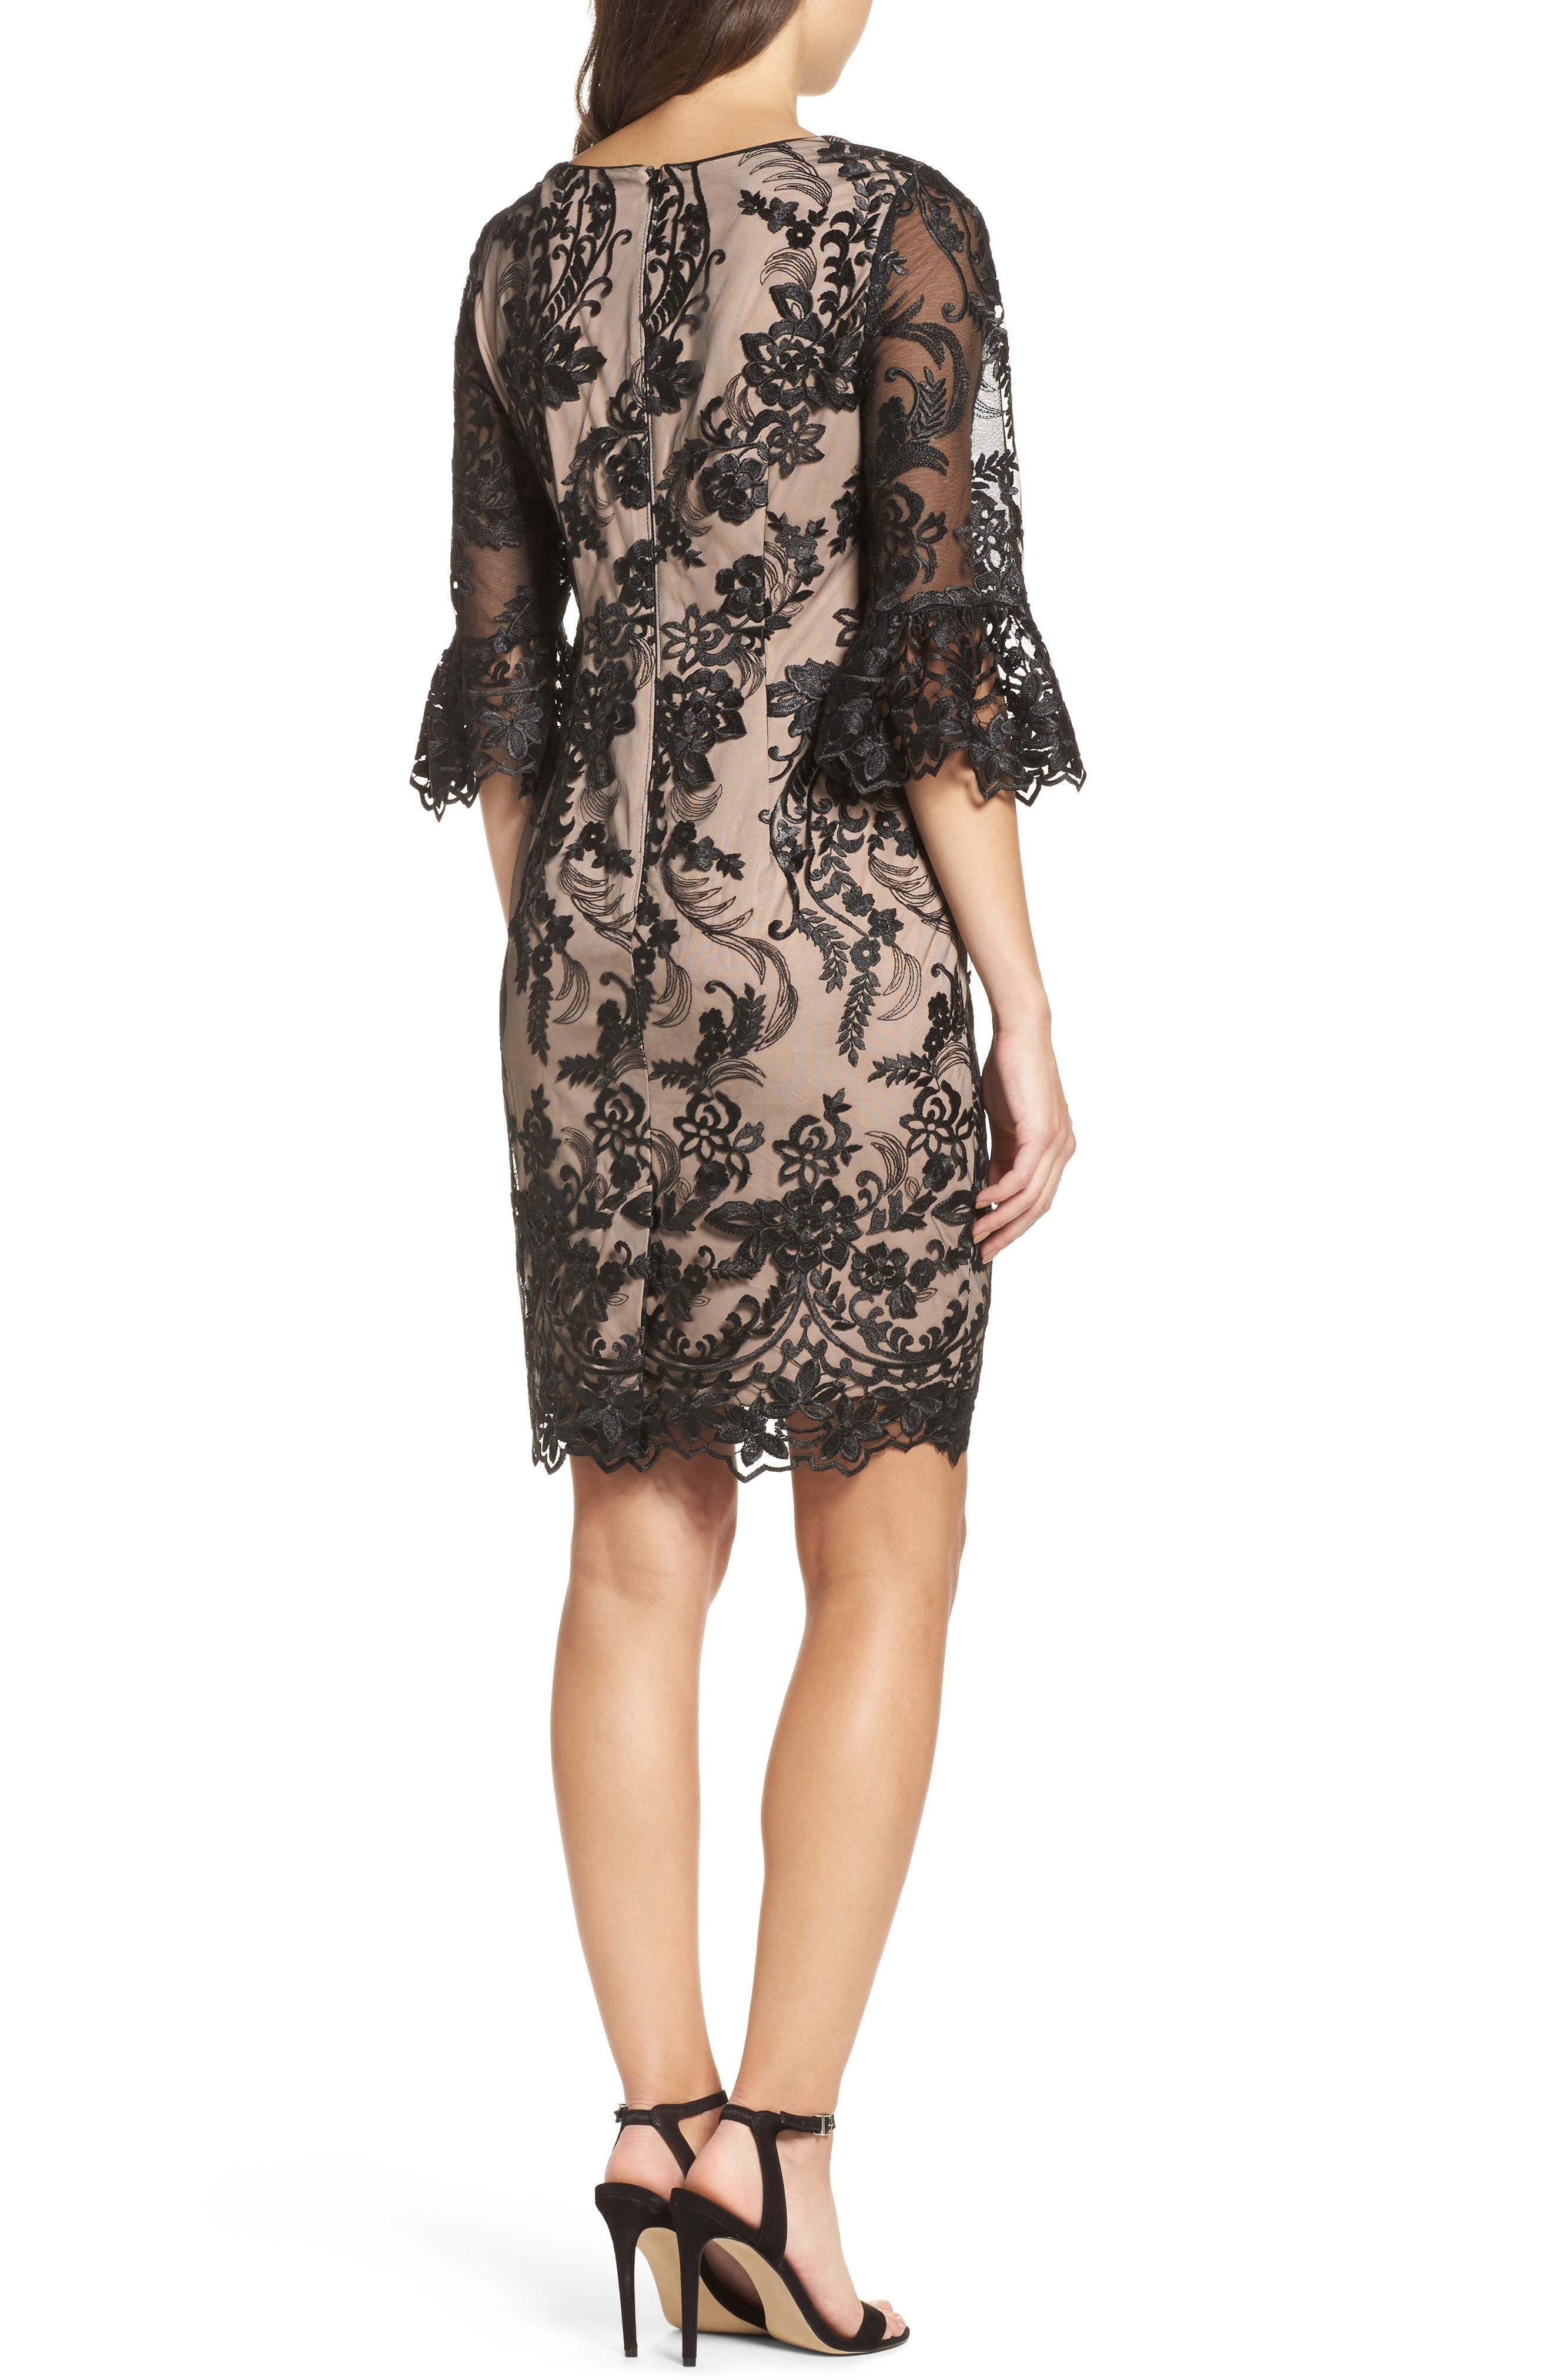 Eillen Embroidered Lace Dress,                             Alternate thumbnail 2, color,                             Black/ Bisque